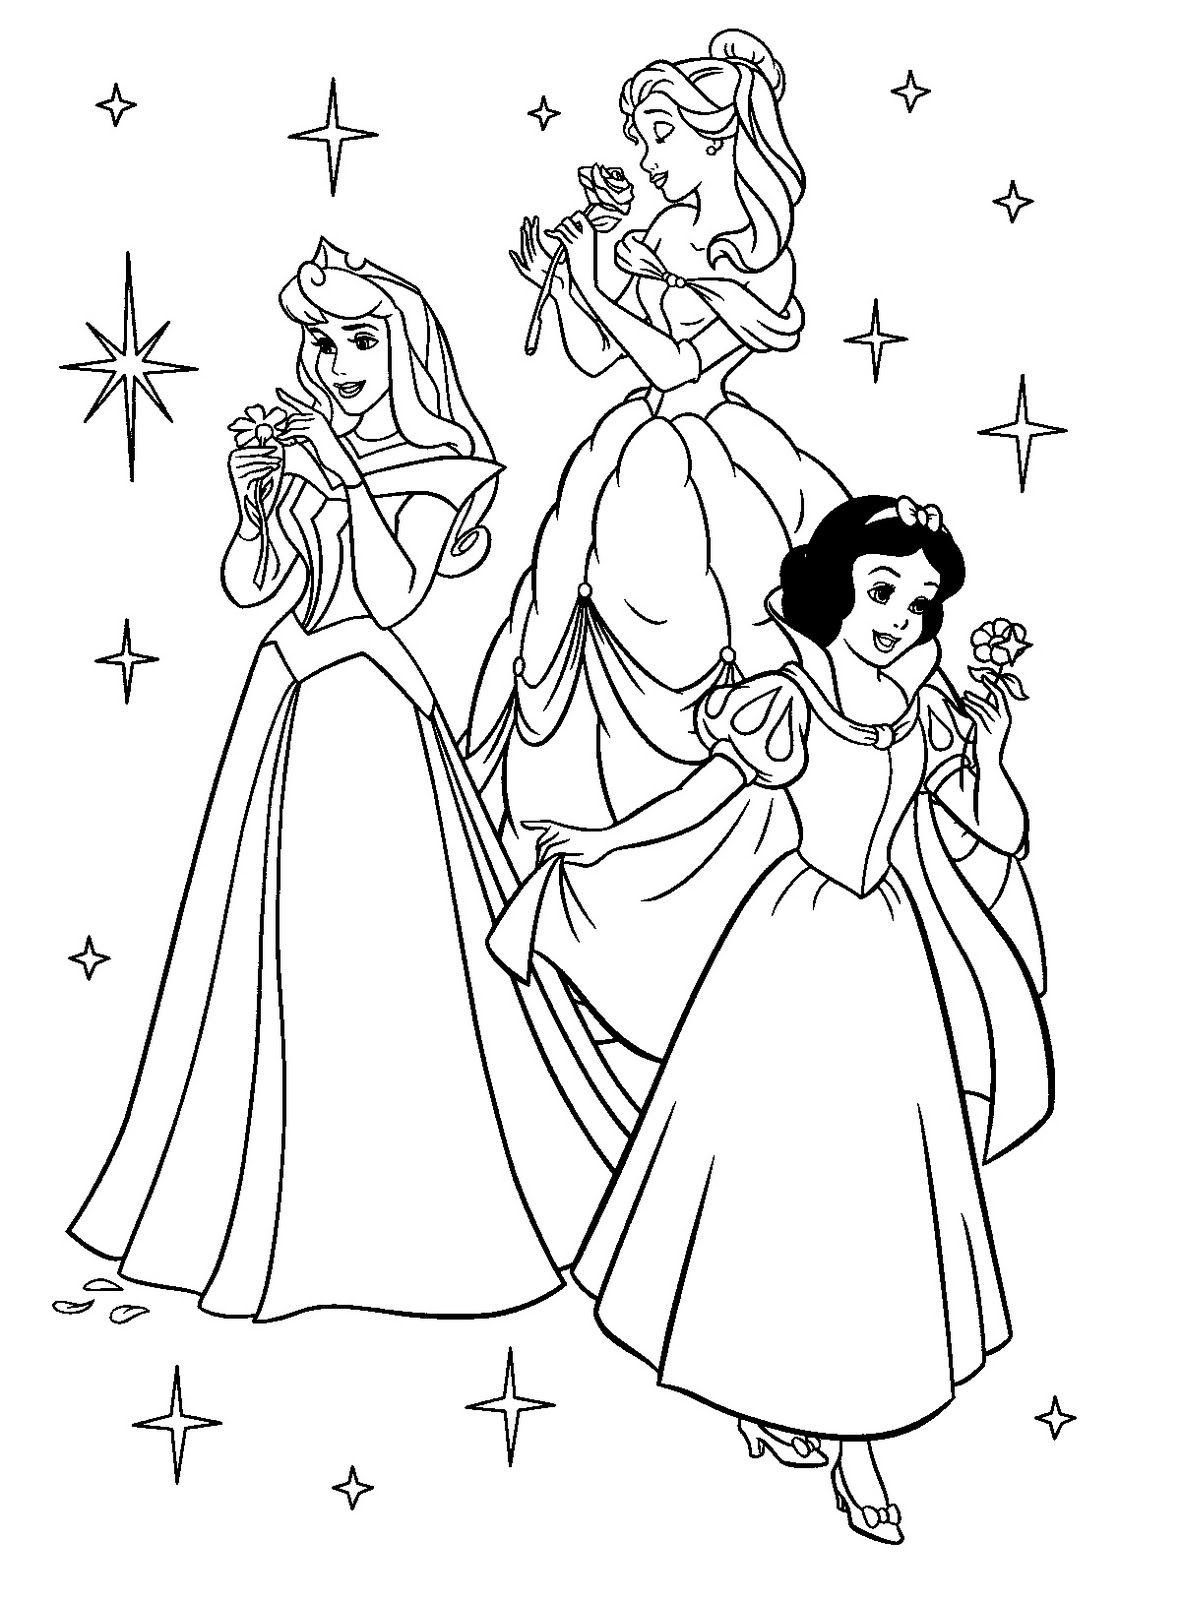 imagenes de princesas disney para colorear | Princesas | Pinterest